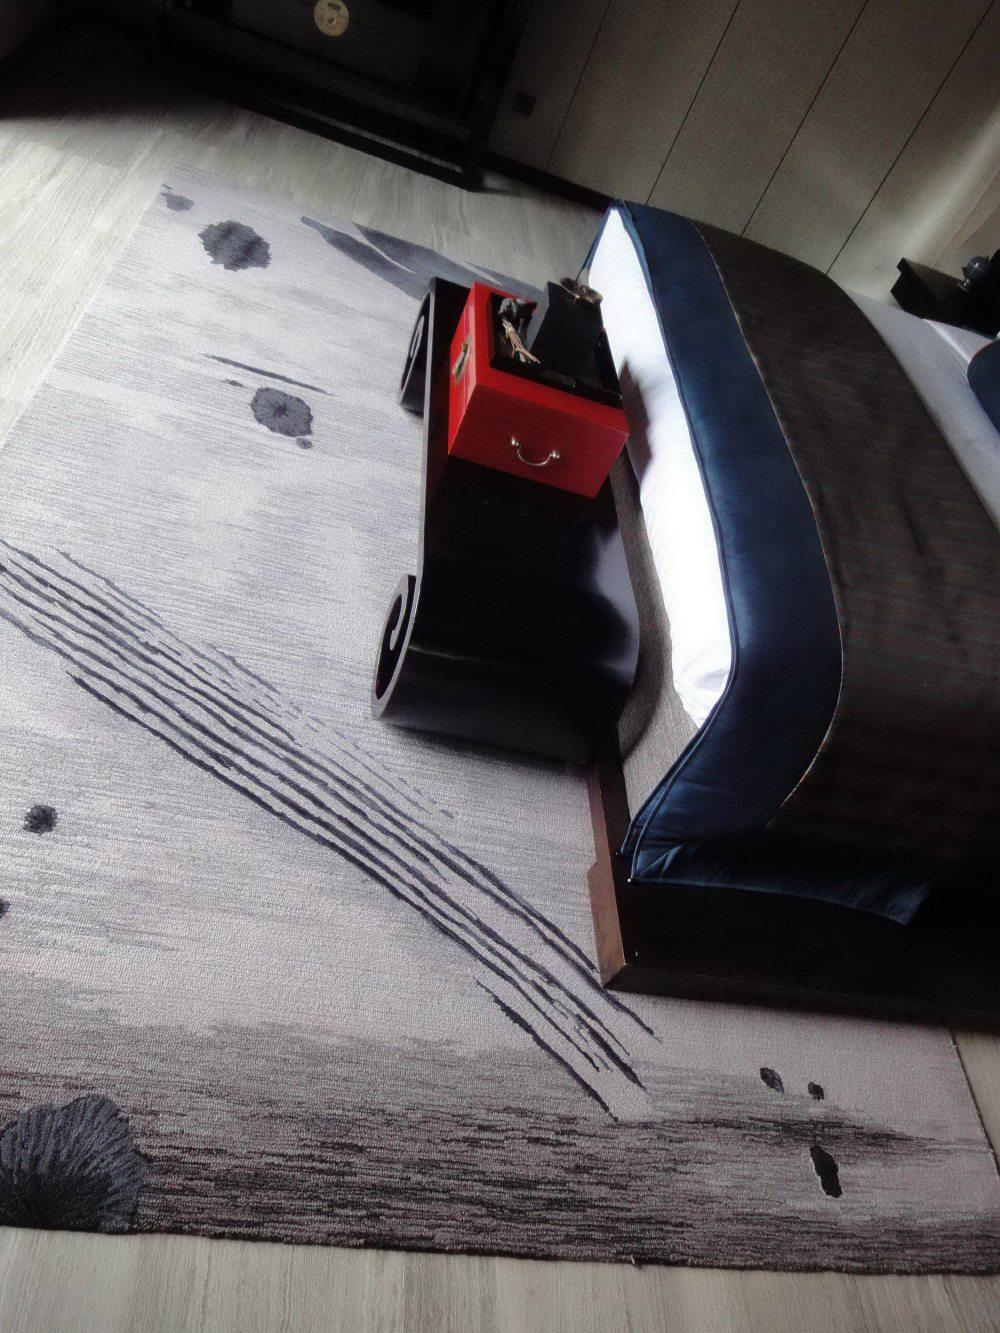 云南丽江铂尔曼渡假酒店(Lijiang Pullman Hotel)(CCD)(第8页更新)_DSC05170.jpg